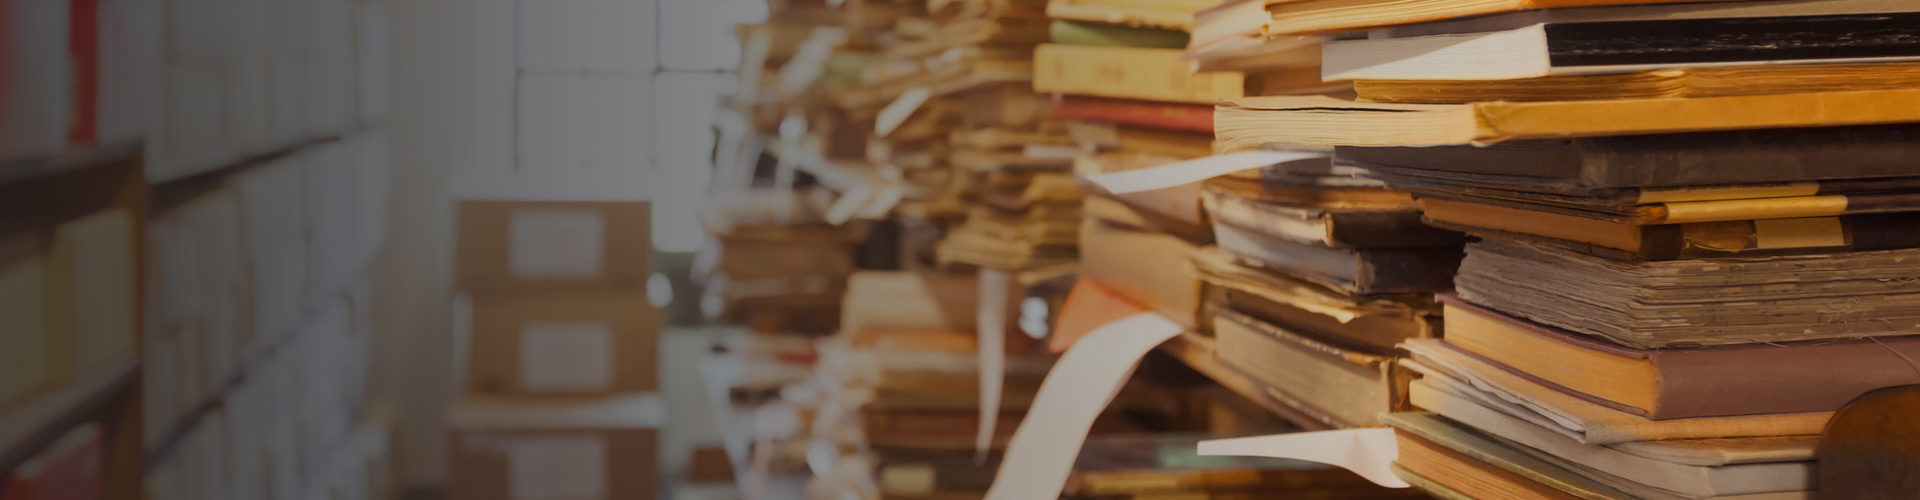 Distruzione dei documenti